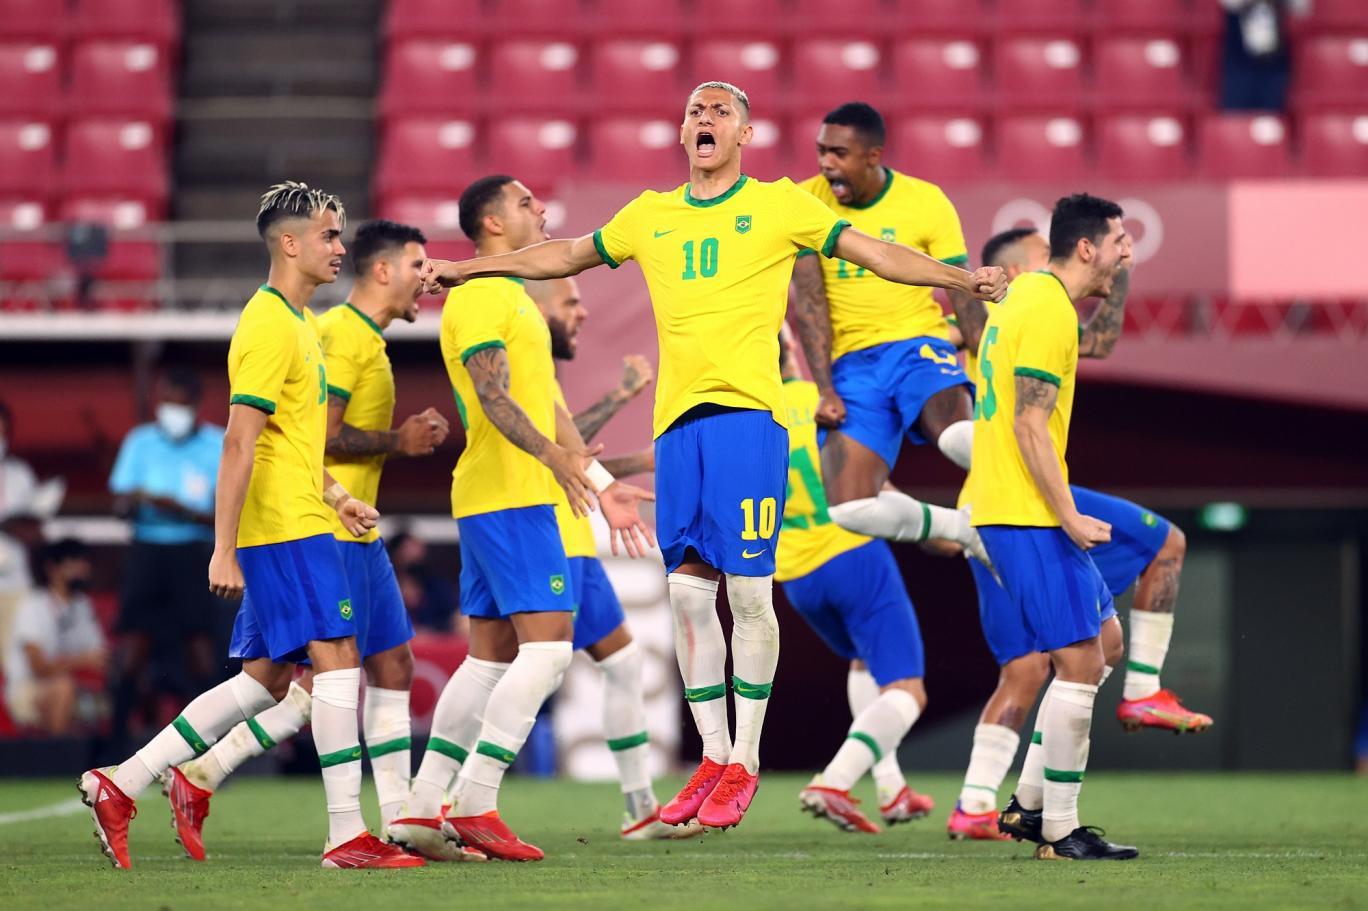 مباراة منتخب البرازيل وإسبانيا في نهائي أولمبياد طوكيو